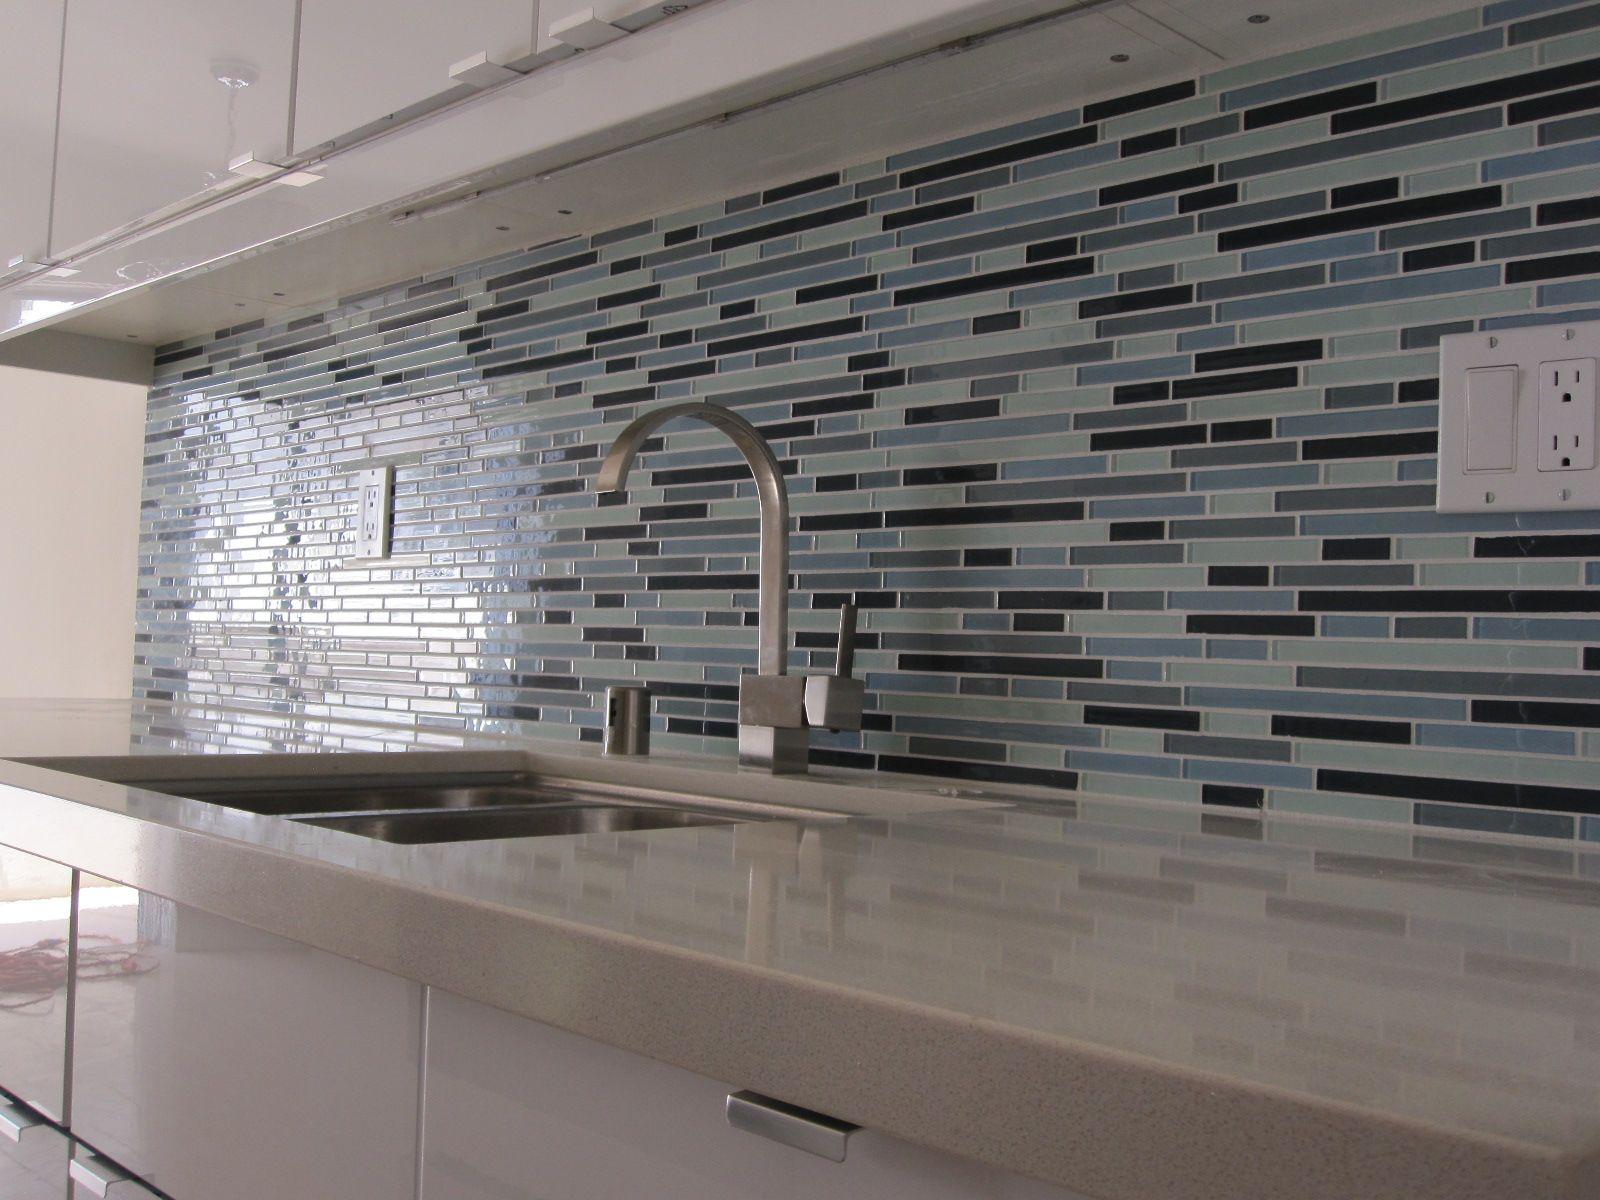 Emejing Kitchen Backsplash Glass Tile Design Ideas Photos   Bikemag.us    Bikemag.us